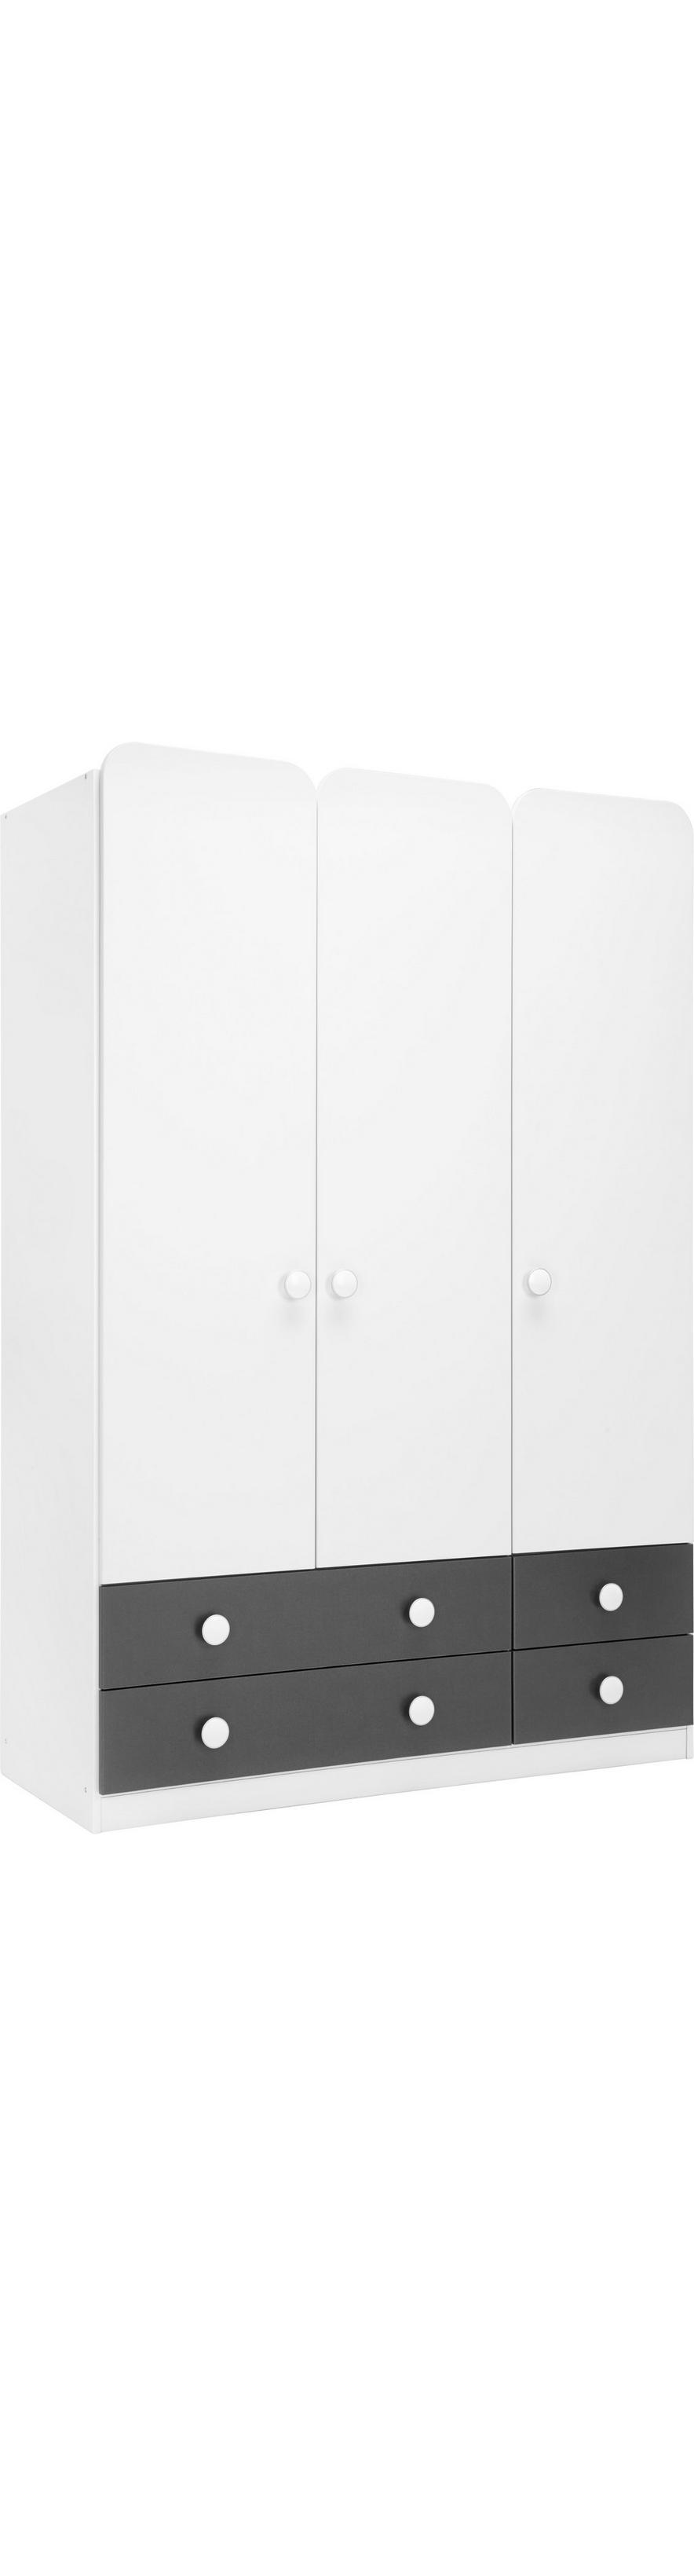 4b22271fdd0 Kleiderschrank in Weiß online kaufen ➤ mömax